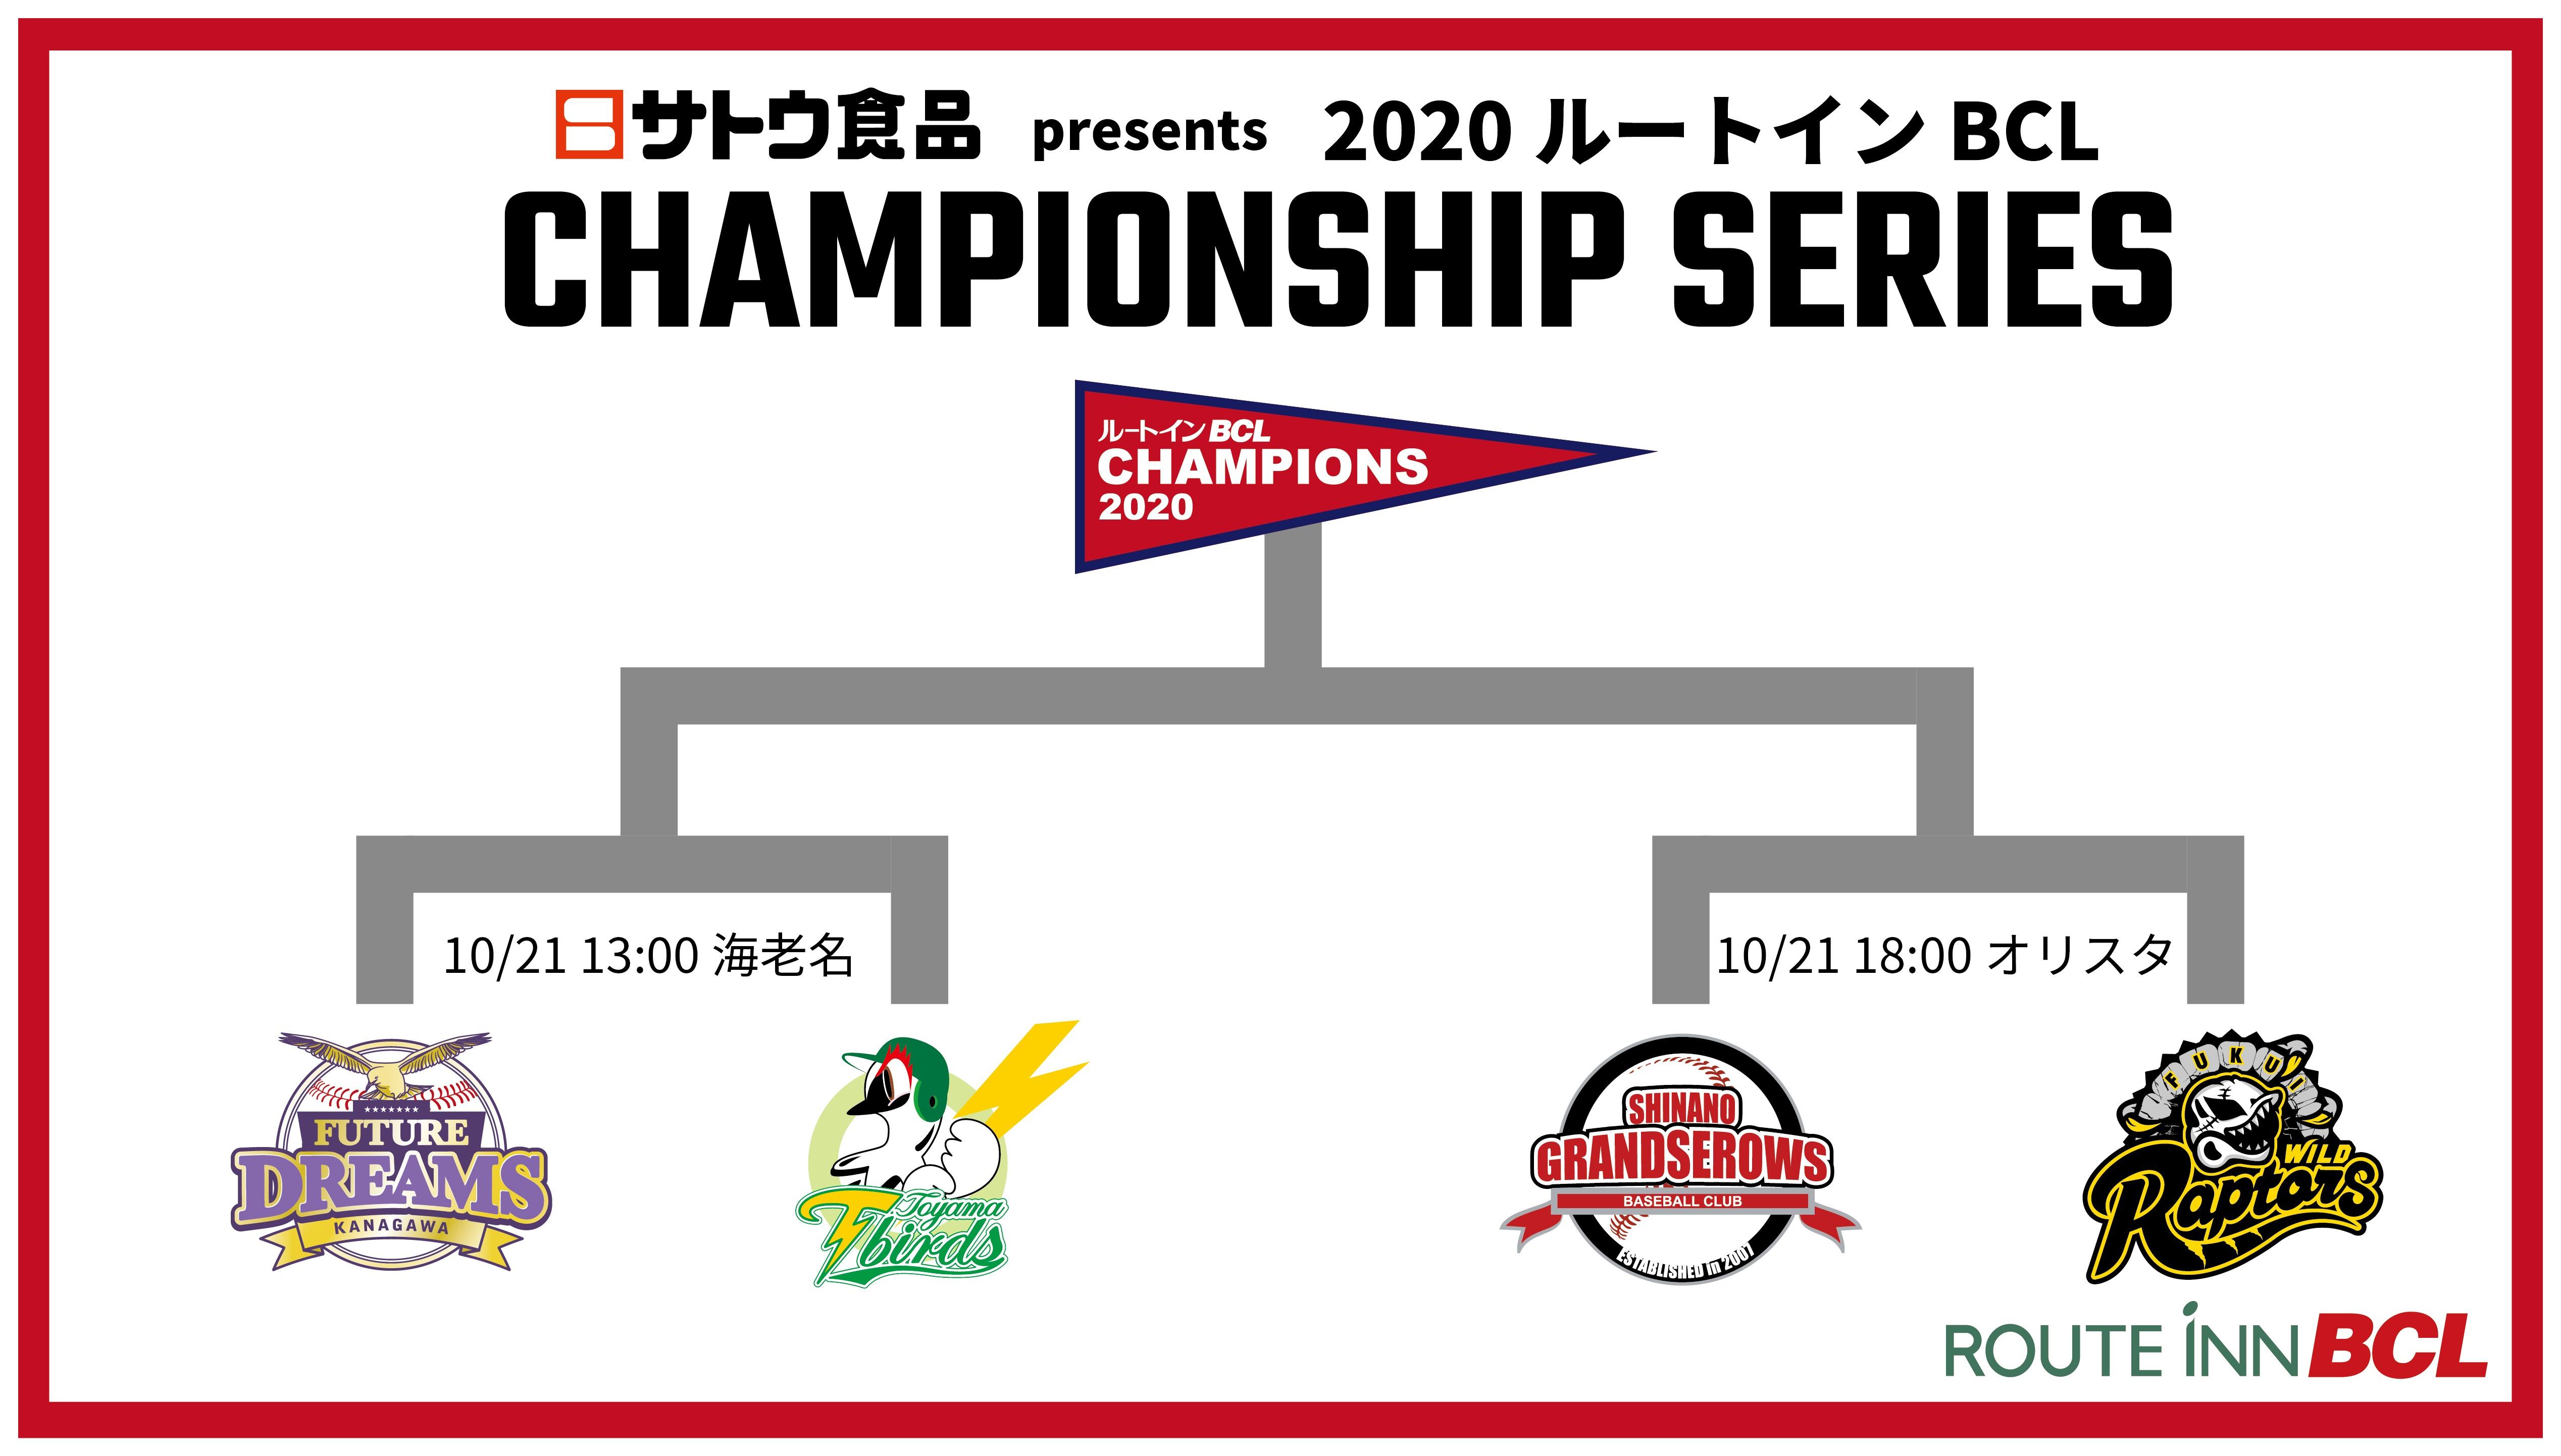 『サトウ食品 presents 2020ルートインBCL CHAMPIONSHIP SERIES』は準決勝が10月21日(水)、決勝が10月25日(日)に行われる